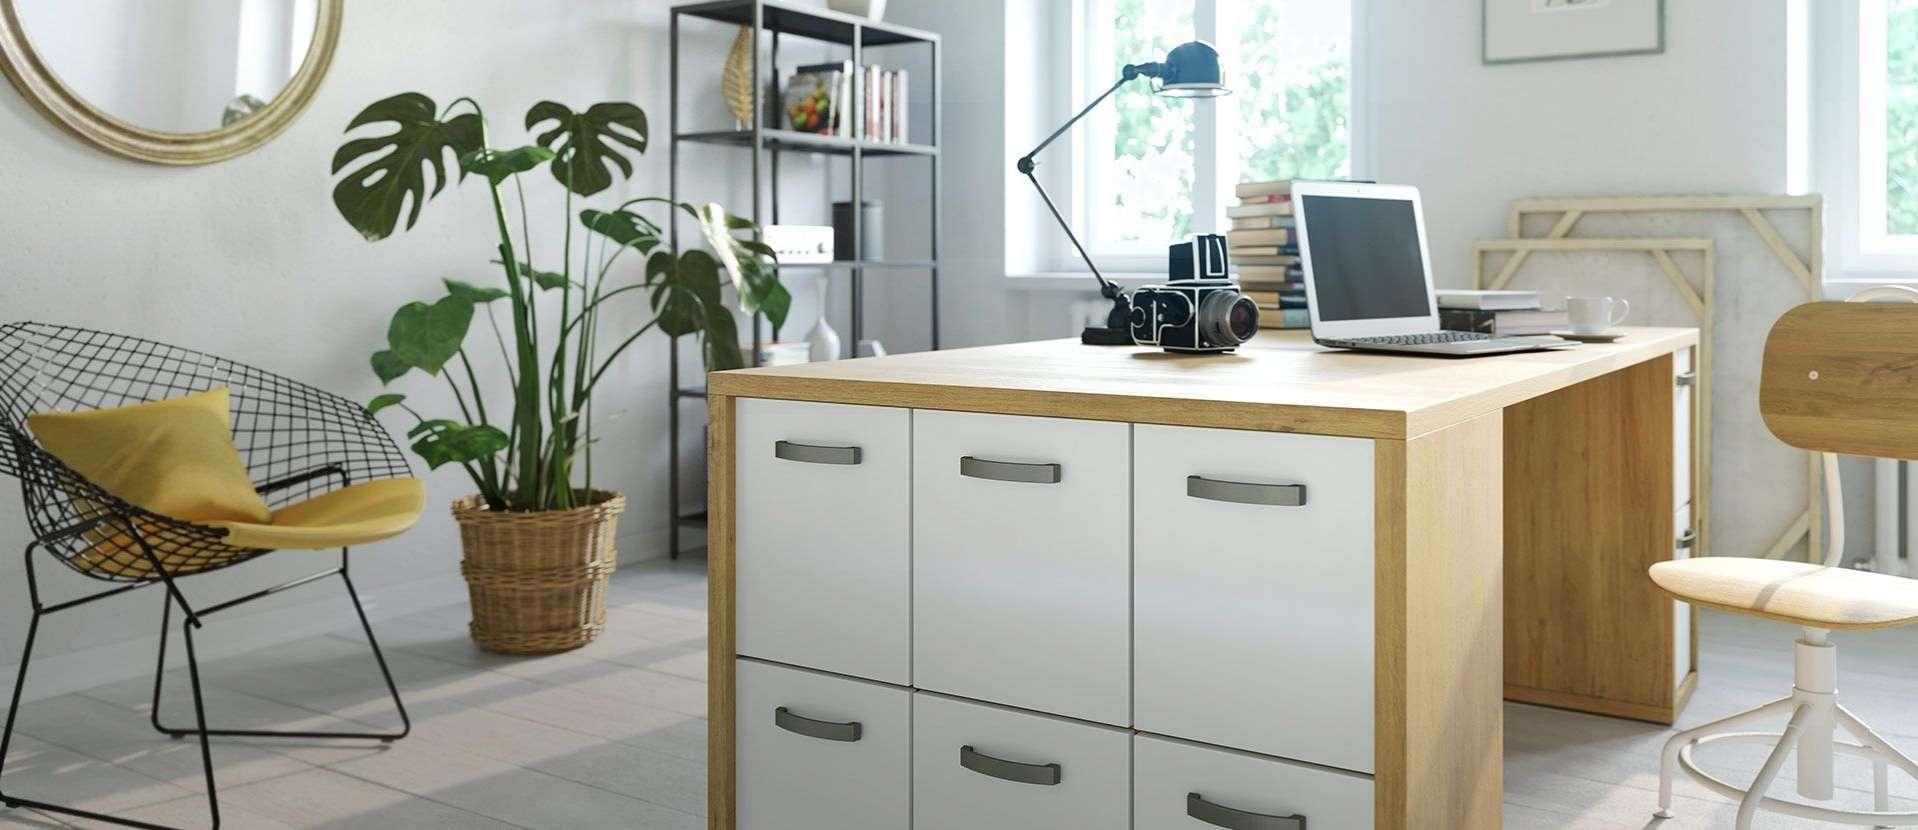 Practical simplicity  in scandinavian style